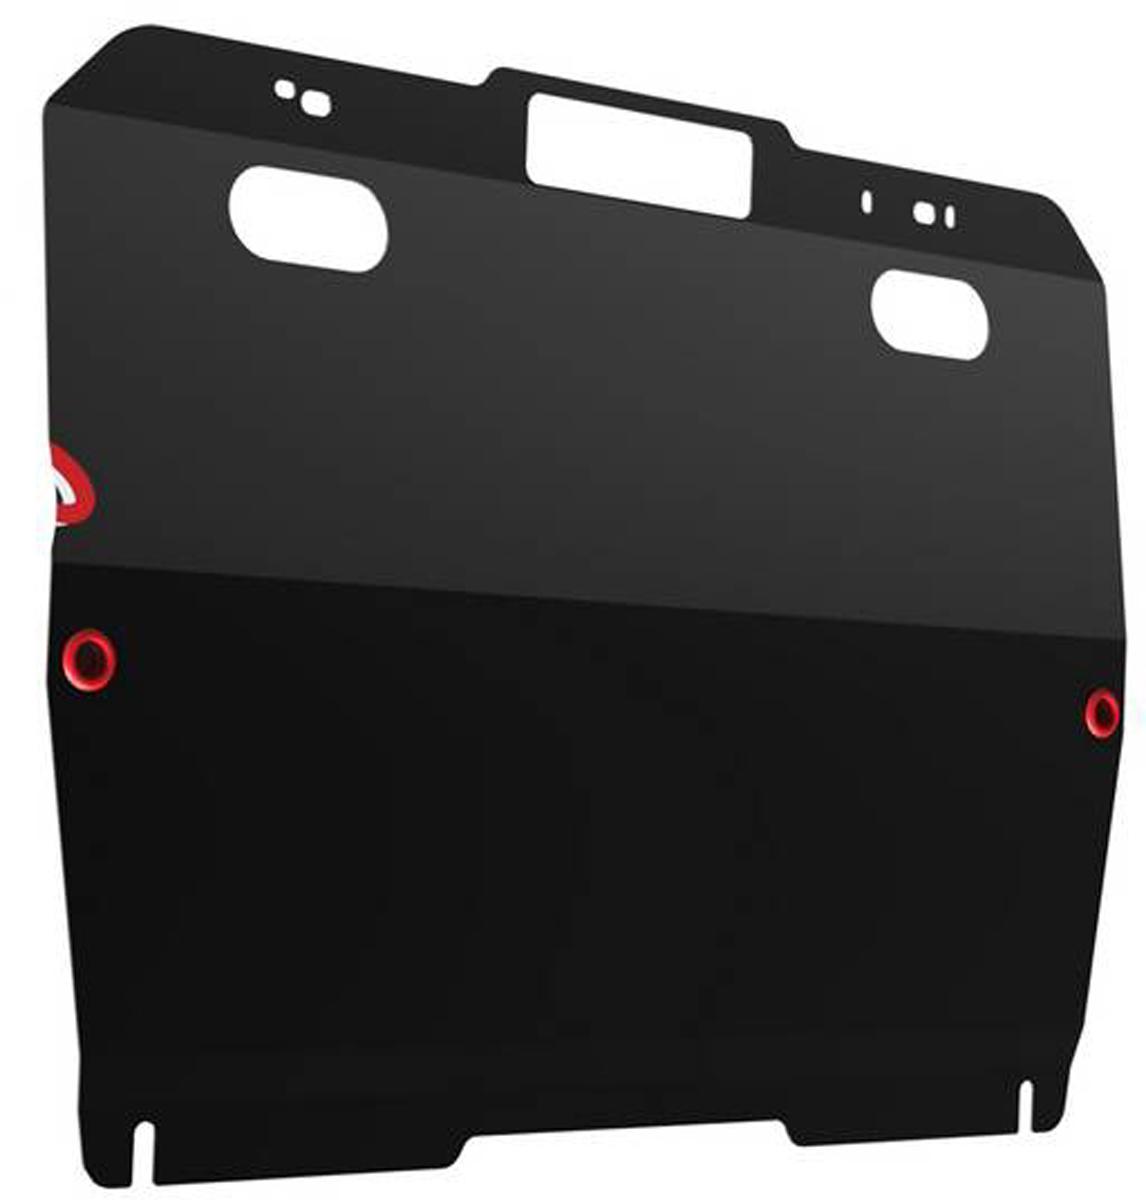 Защита картера и КПП Автоброня Mazda 6 2007-2012, сталь 2 мм111.03805.2Защита картера и КПП Автоброня Mazda 6, V - 1,8; 2,0; 2,5 2007-2012, сталь 2 мм, комплект крепежа, 111.03805.2Стальные защиты Автоброня надежно защищают ваш автомобиль от повреждений при наезде на бордюры, выступающие канализационные люки, кромки поврежденного асфальта или при ремонте дорог, не говоря уже о загородных дорогах.- Имеют оптимальное соотношение цена-качество.- Спроектированы с учетом особенностей автомобиля, что делает установку удобной.- Защита устанавливается в штатные места кузова автомобиля.- Является надежной защитой для важных элементов на протяжении долгих лет.- Глубокий штамп дополнительно усиливает конструкцию защиты.- Подштамповка в местах крепления защищает крепеж от срезания.- Технологические отверстия там, где они необходимы для смены масла и слива воды, оборудованные заглушками, закрепленными на защите.Толщина стали 2 мм.В комплекте крепеж и инструкция по установке.Уважаемые клиенты!Обращаем ваше внимание на тот факт, что защита имеет форму, соответствующую модели данного автомобиля. Наличие глубокого штампа и лючков для смены фильтров/масла предусмотрено не на всех защитах. Фото служит для визуального восприятия товара.